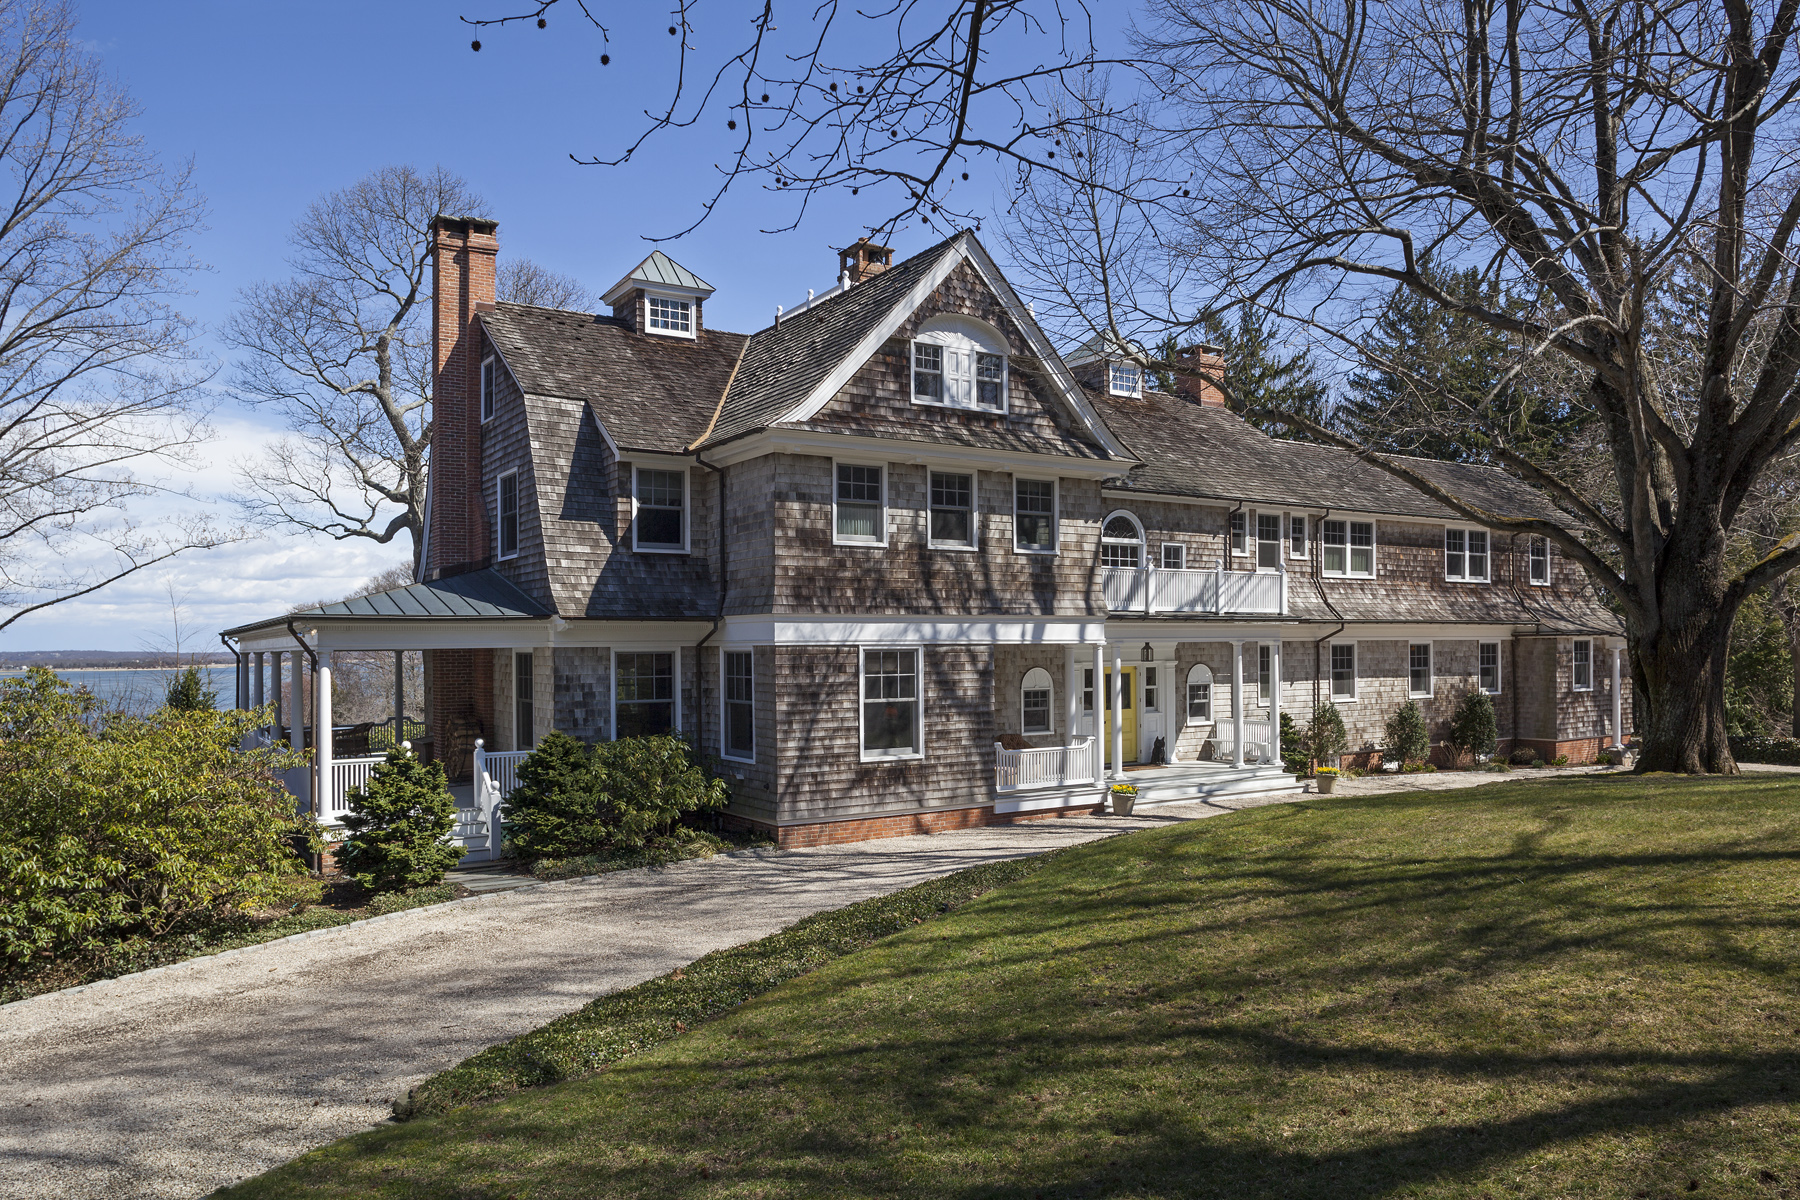 Частный односемейный дом для того Продажа на Colonial 27 Woodcrest Dr Nissequogue, Нью-Йорк, 11780 Соединенные Штаты